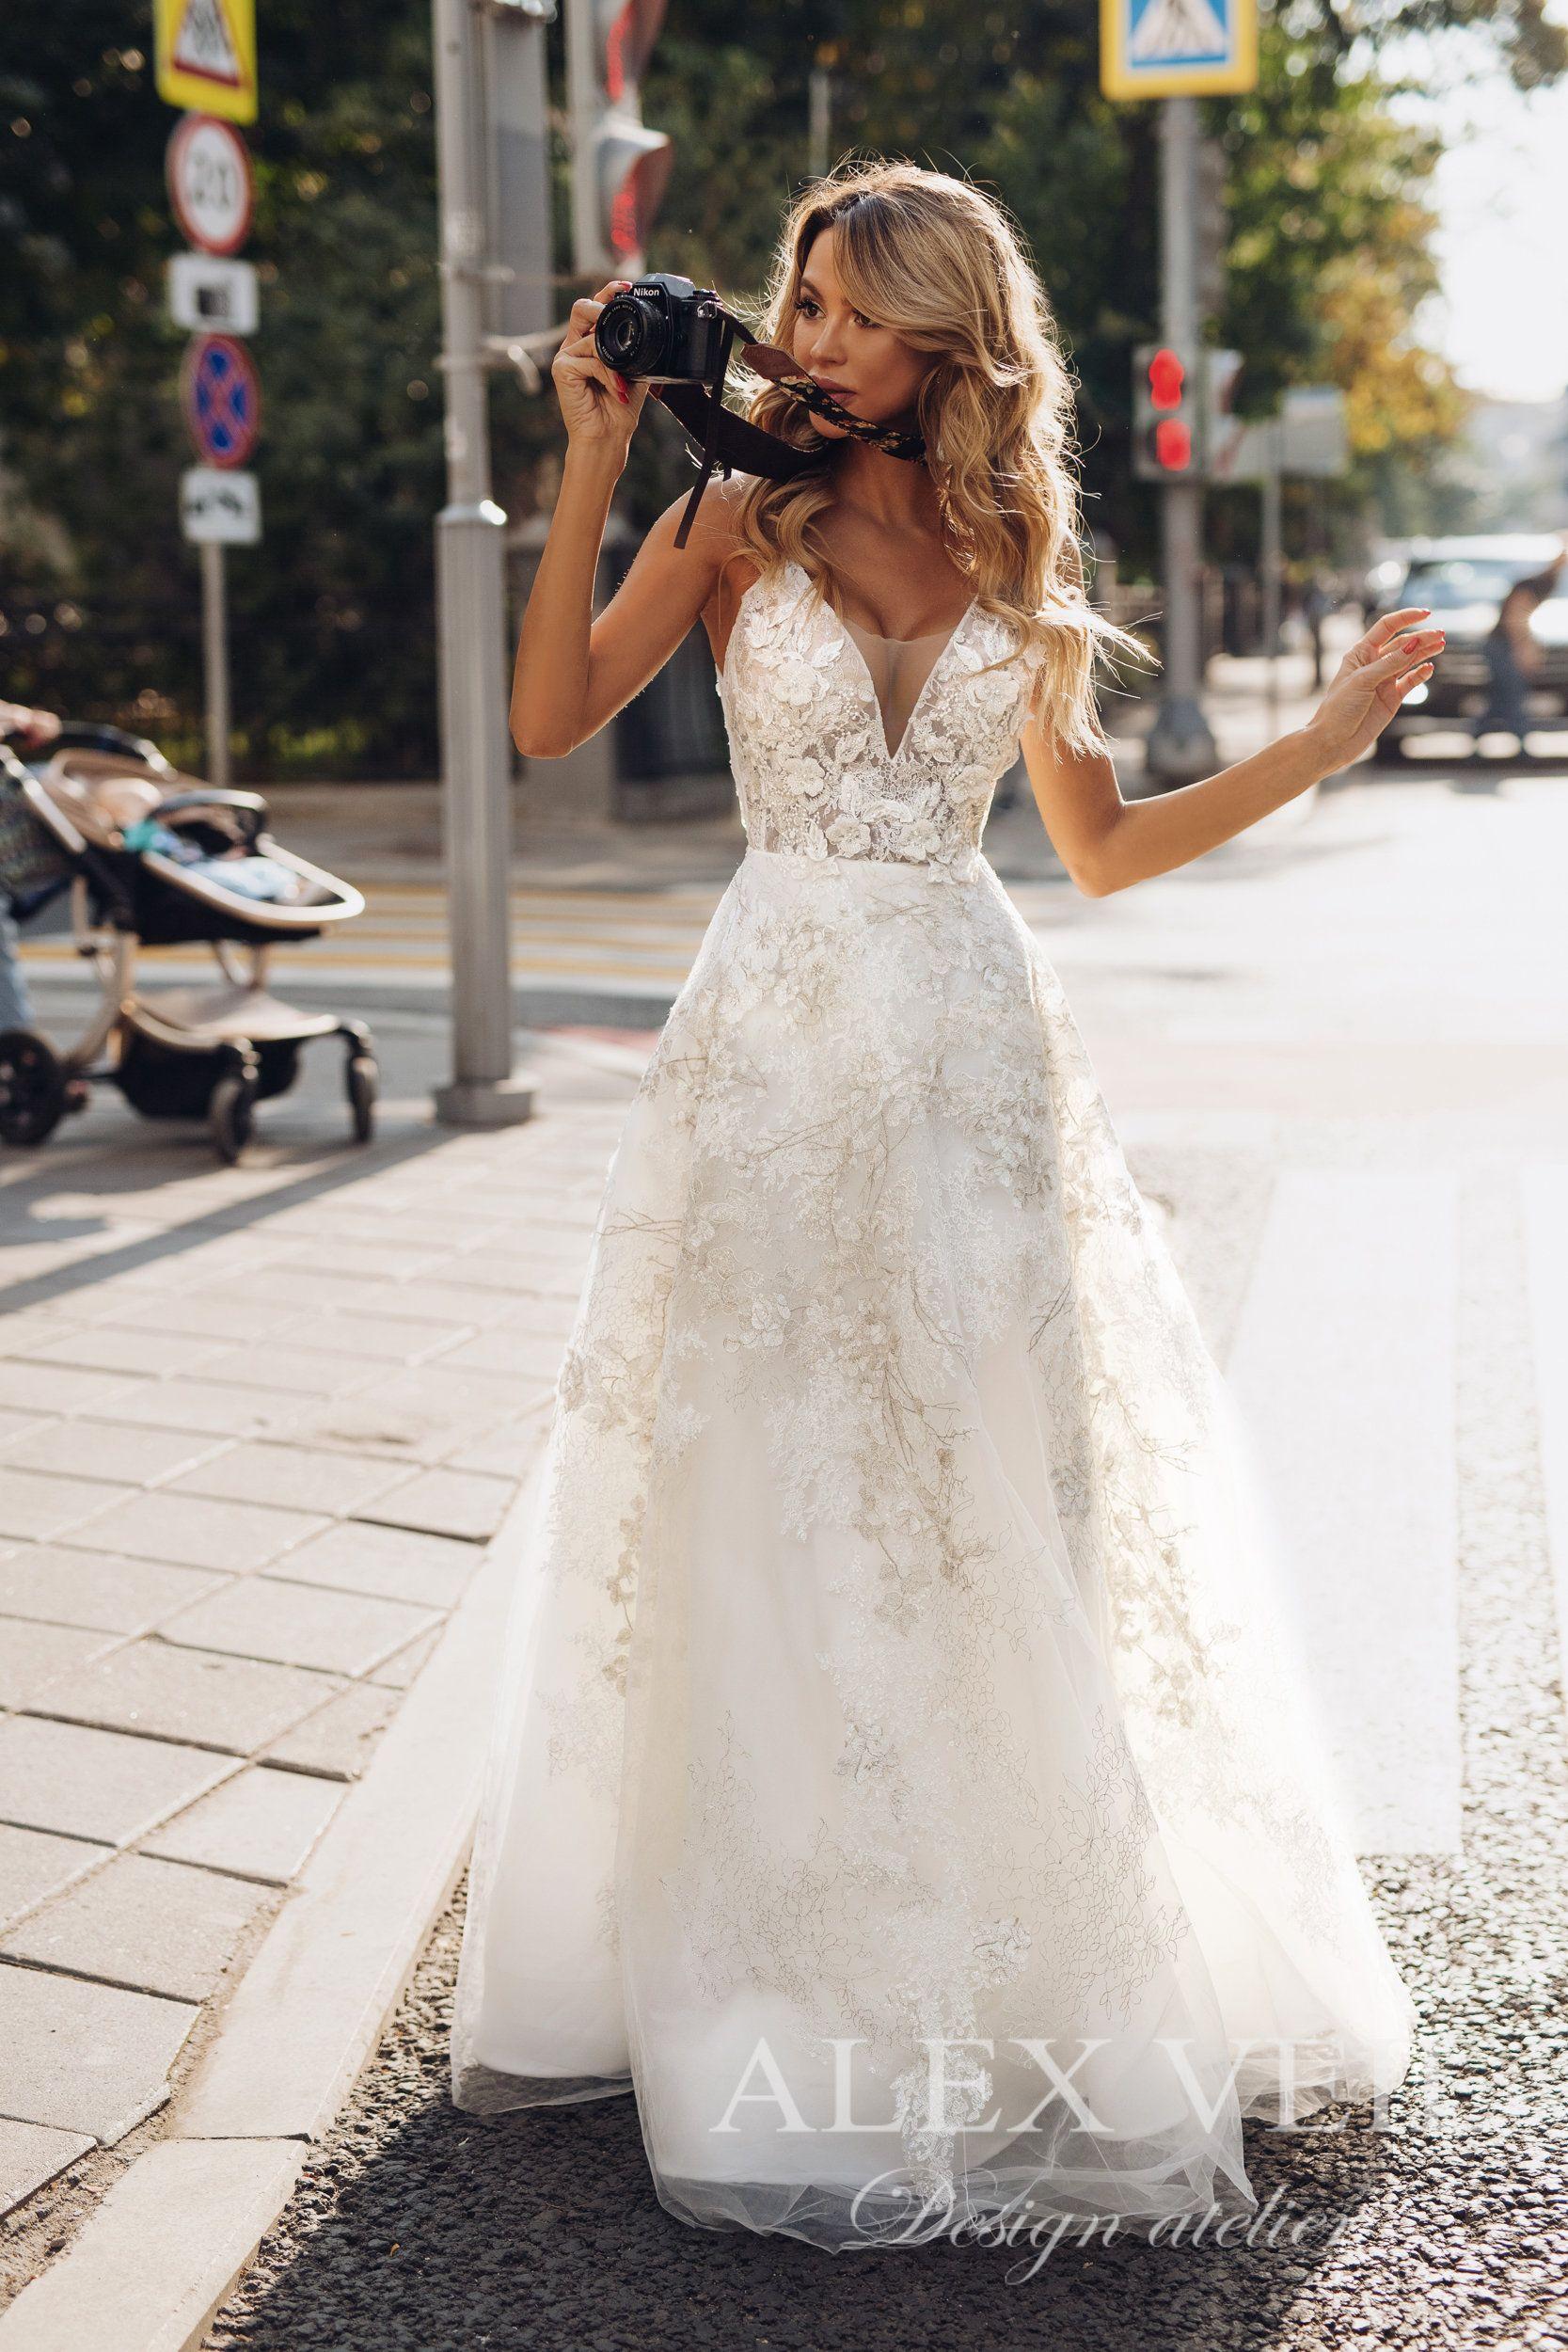 Hochzeitskleid 'GOLDIE' / / erstaunliche A-Linie Spitze Brautkleid mit einem tiefen Ausschnitt und original Rücken-Design